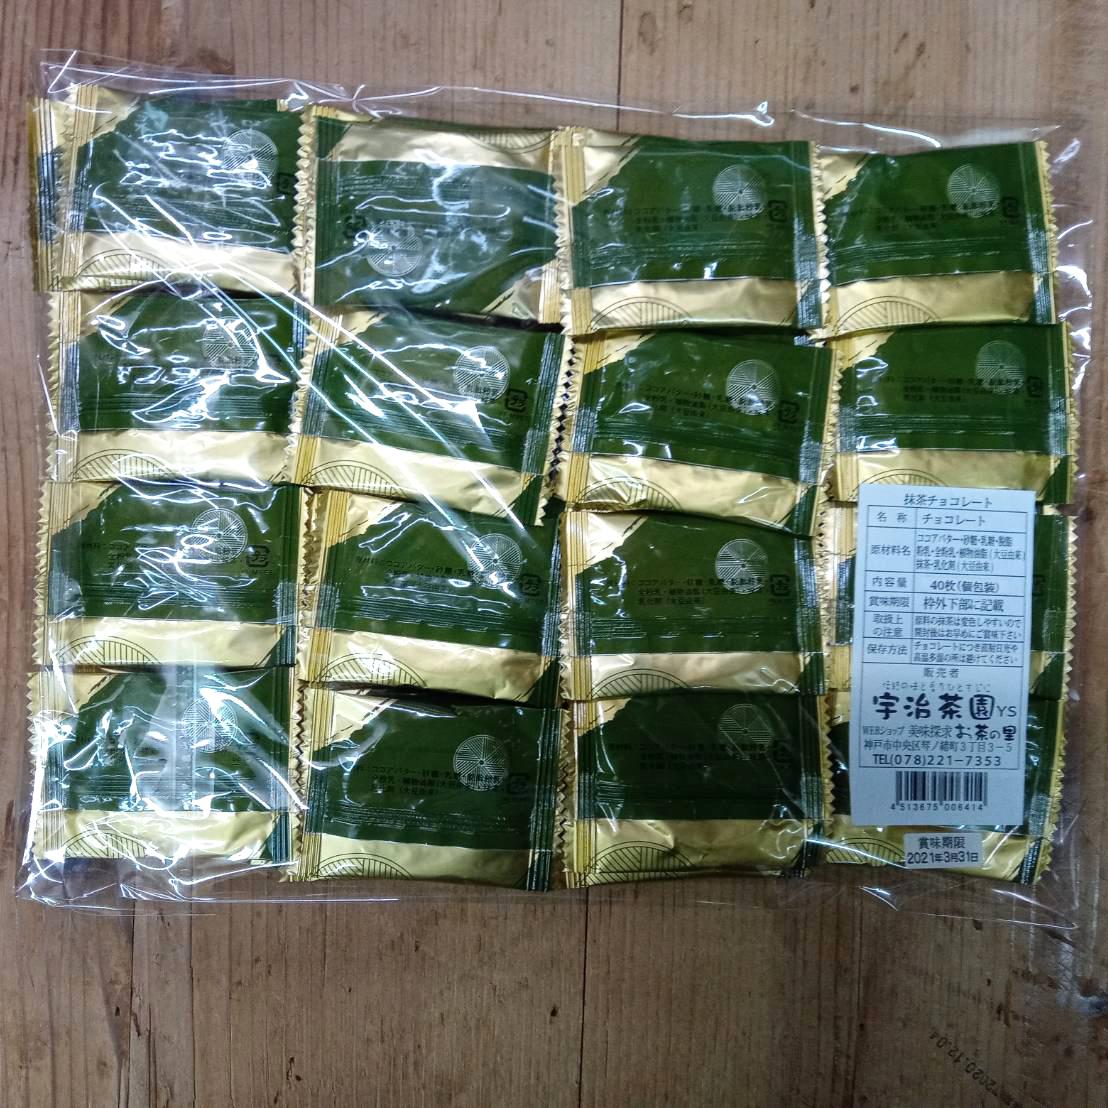 【お徳用】高級抹茶チョコレート(個包装40枚入り)京都宇治産の高級抹茶使用_画像5